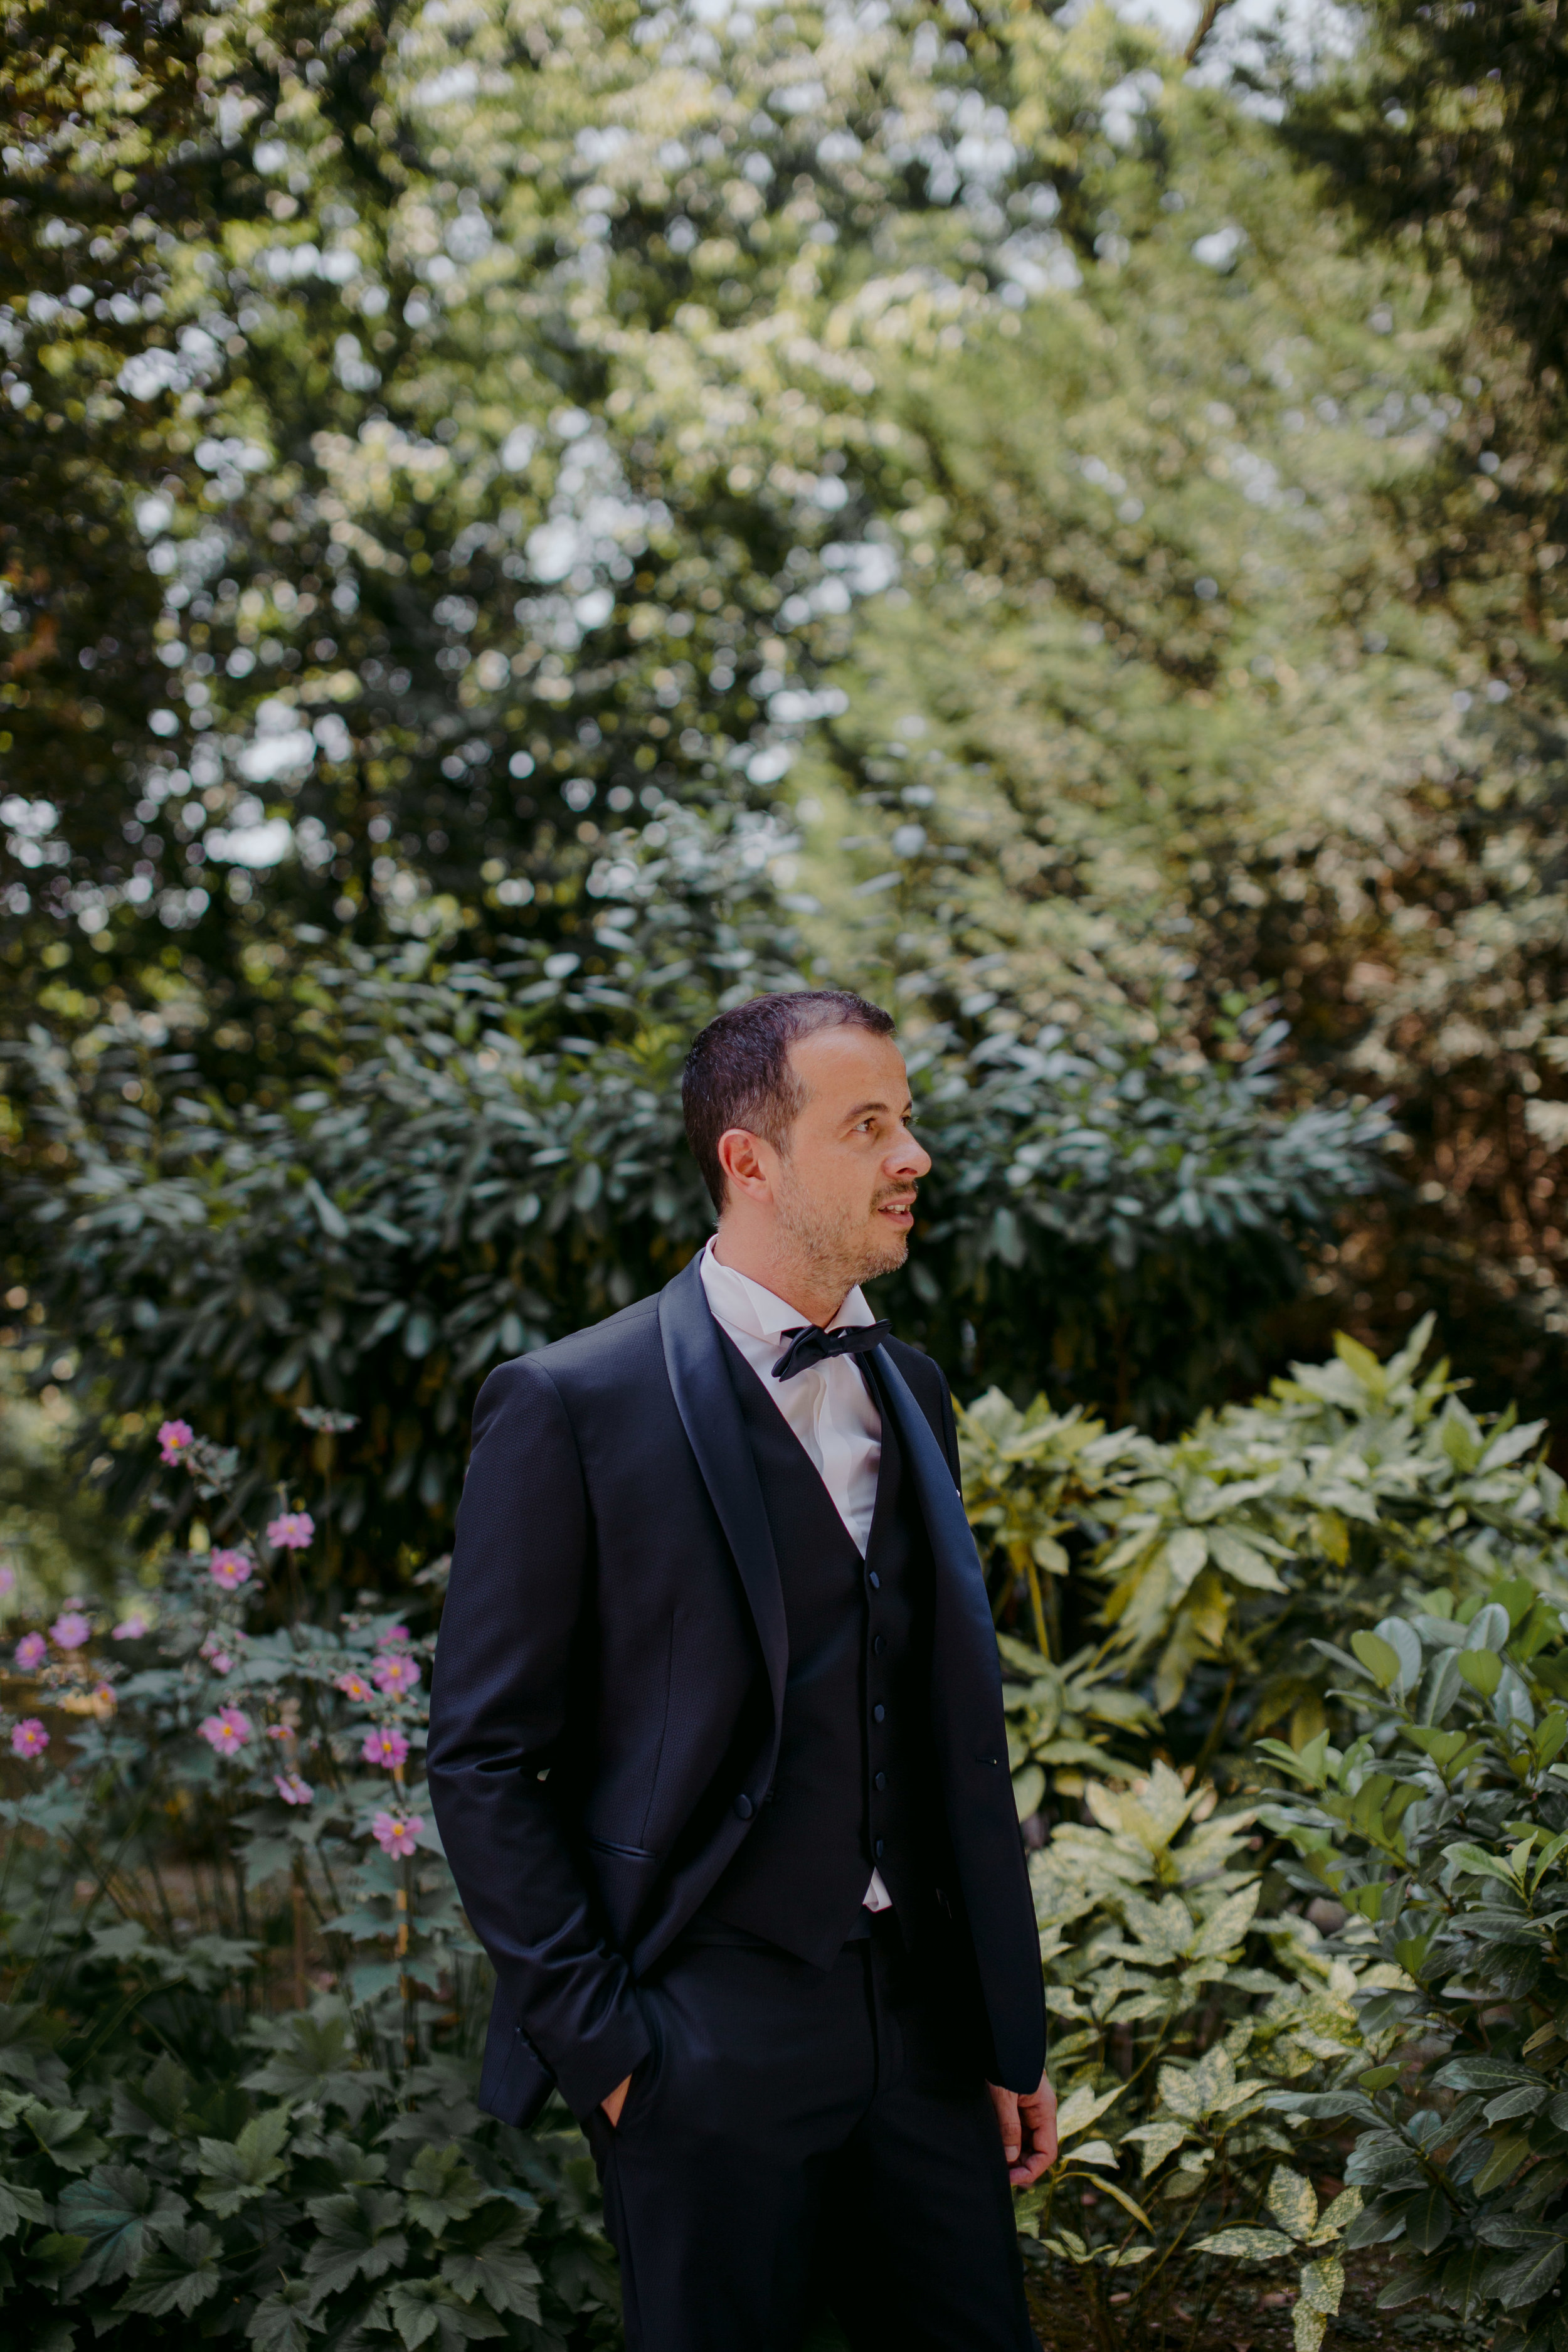 001 - Preparazione sposo-9.JPG